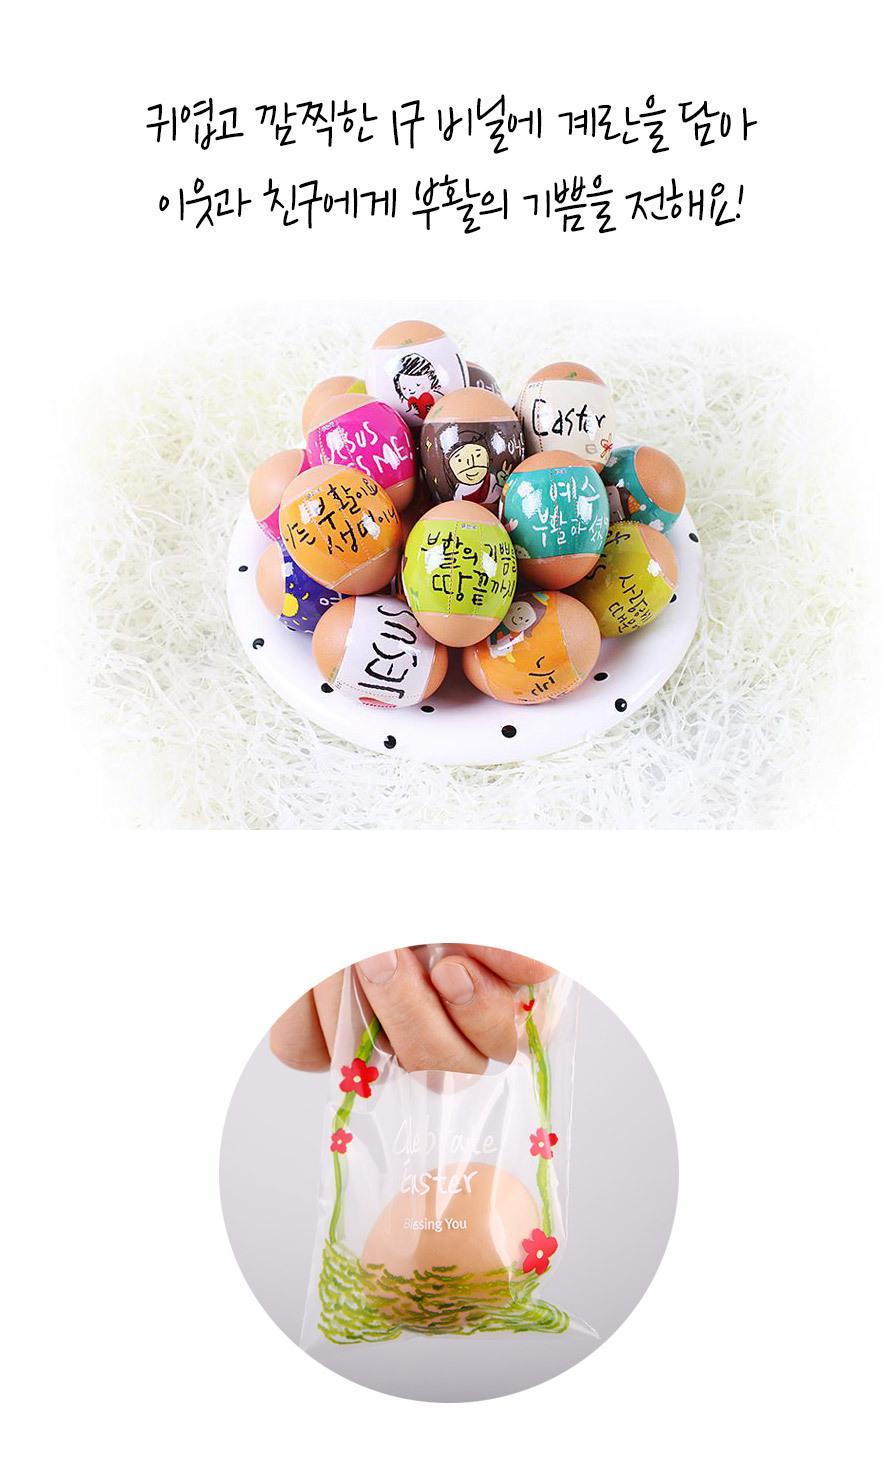 부활절 교회선물 포장재 1구 손잡이비닐 4종에 계란을 담아 부활의 기쁨을 전해요